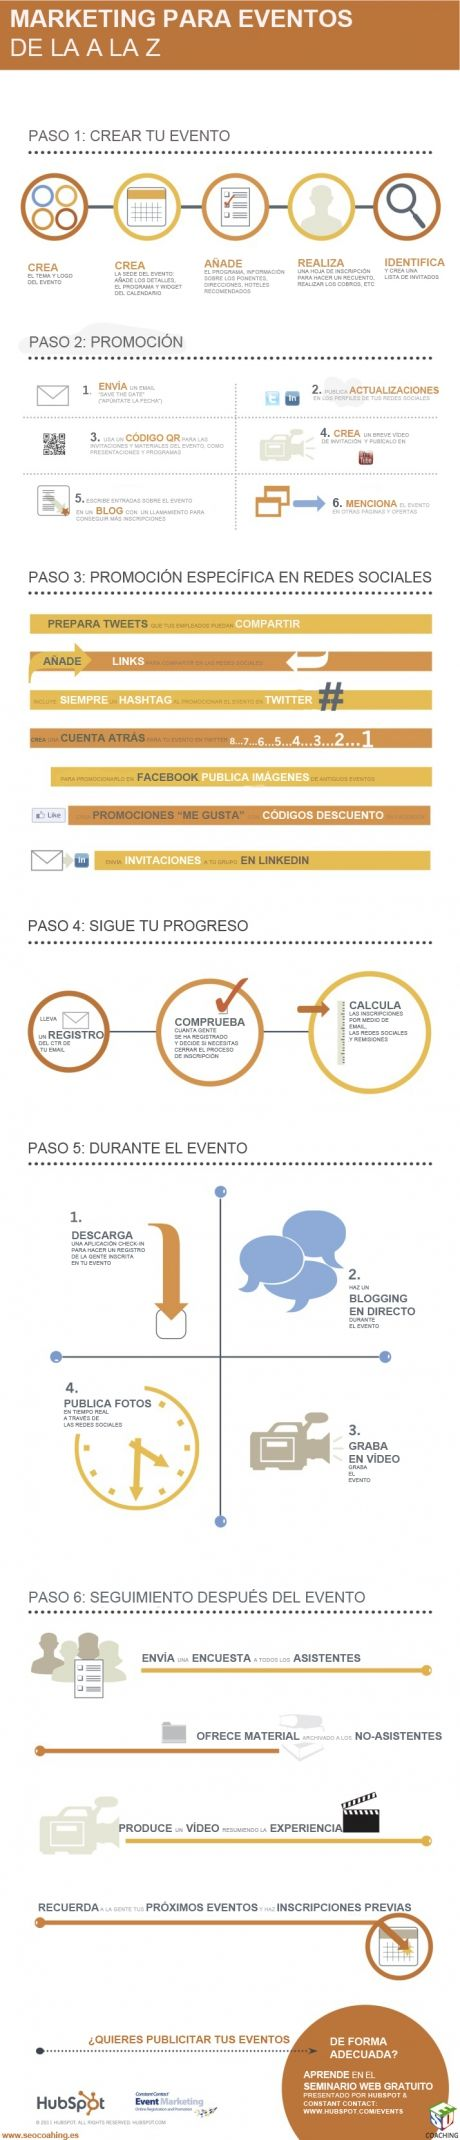 Crea y promociona tus eventos y consigue triunfar con esta guía de #marketingonline. #infografia